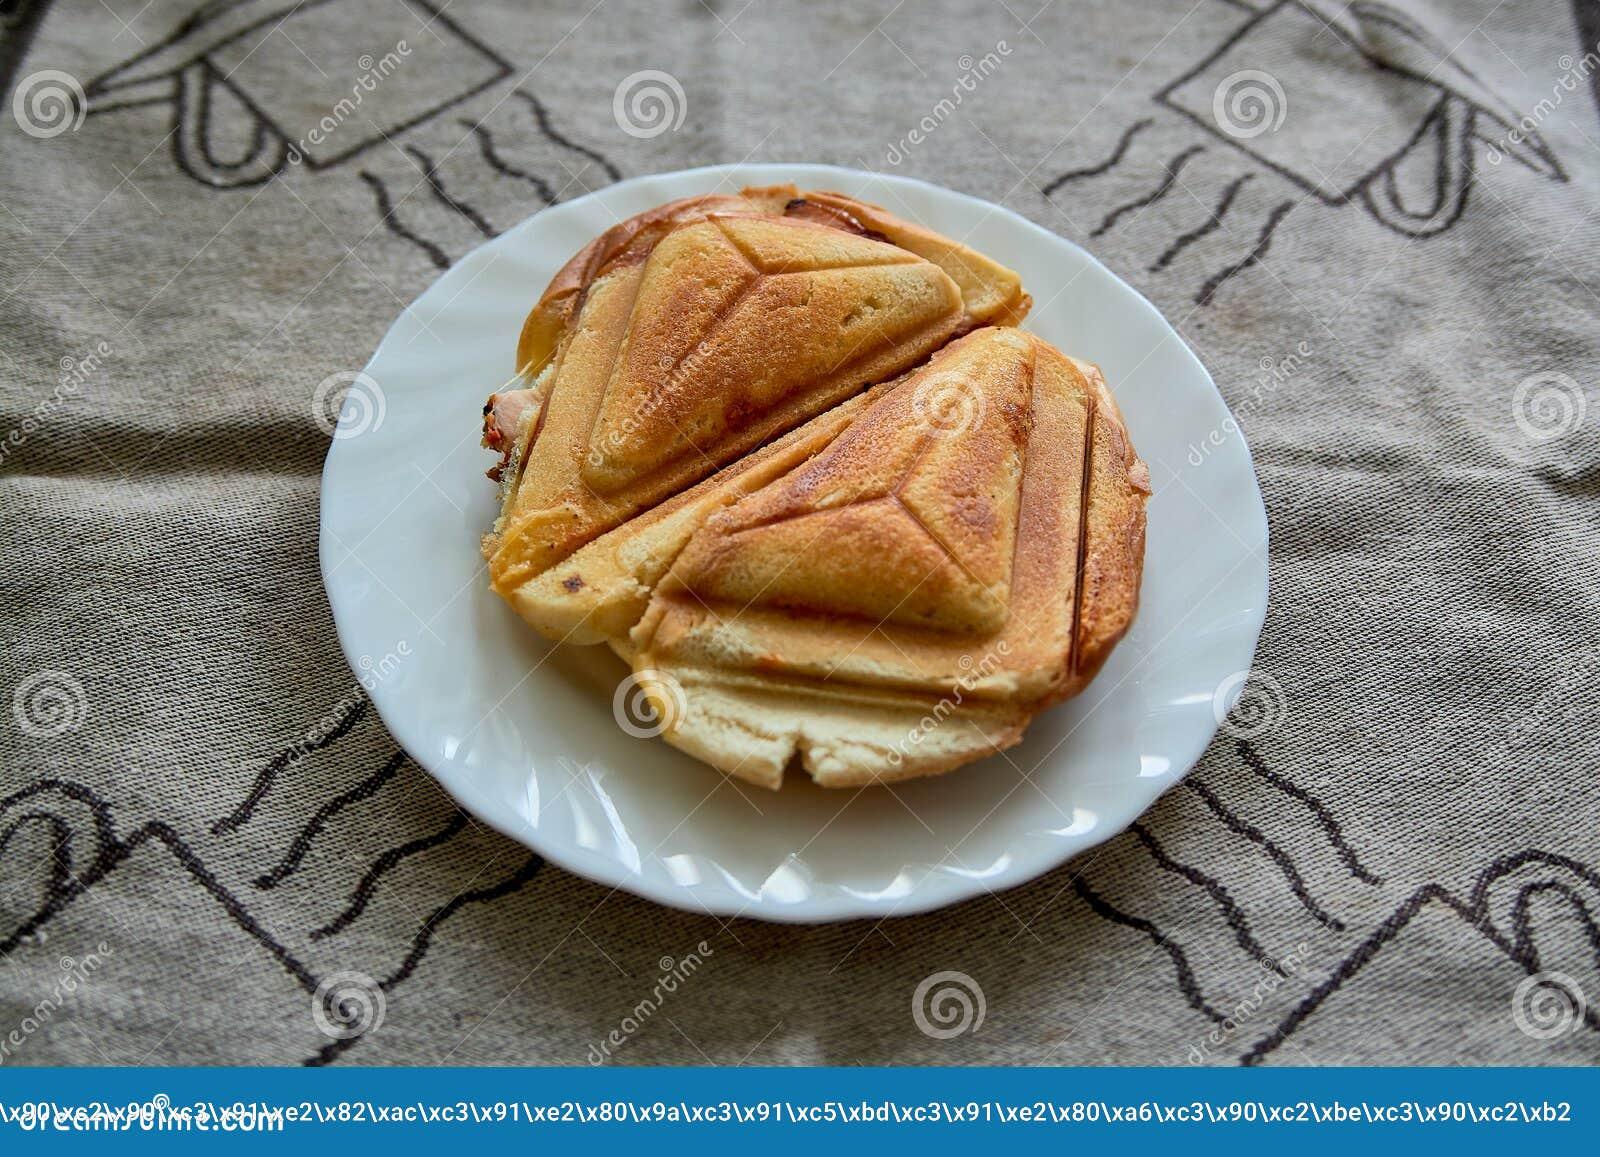 Горячий хрустящий сэндвич Свежий горячий хрустящий очень вкусный тостер на белой плите на завтрак